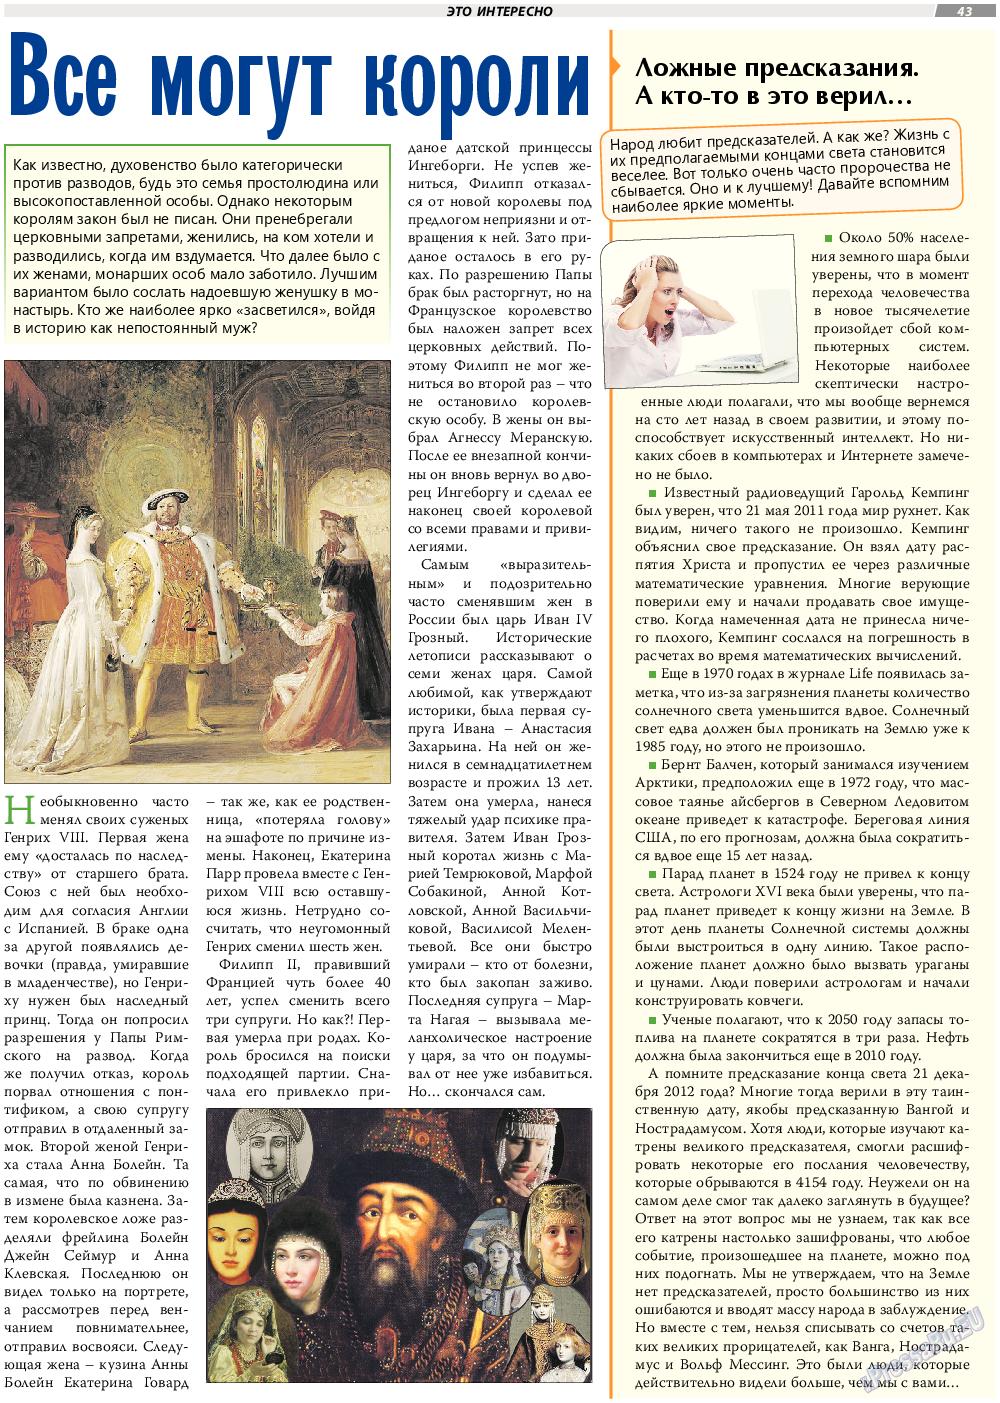 TVrus (газета). 2017 год, номер 4, стр. 43